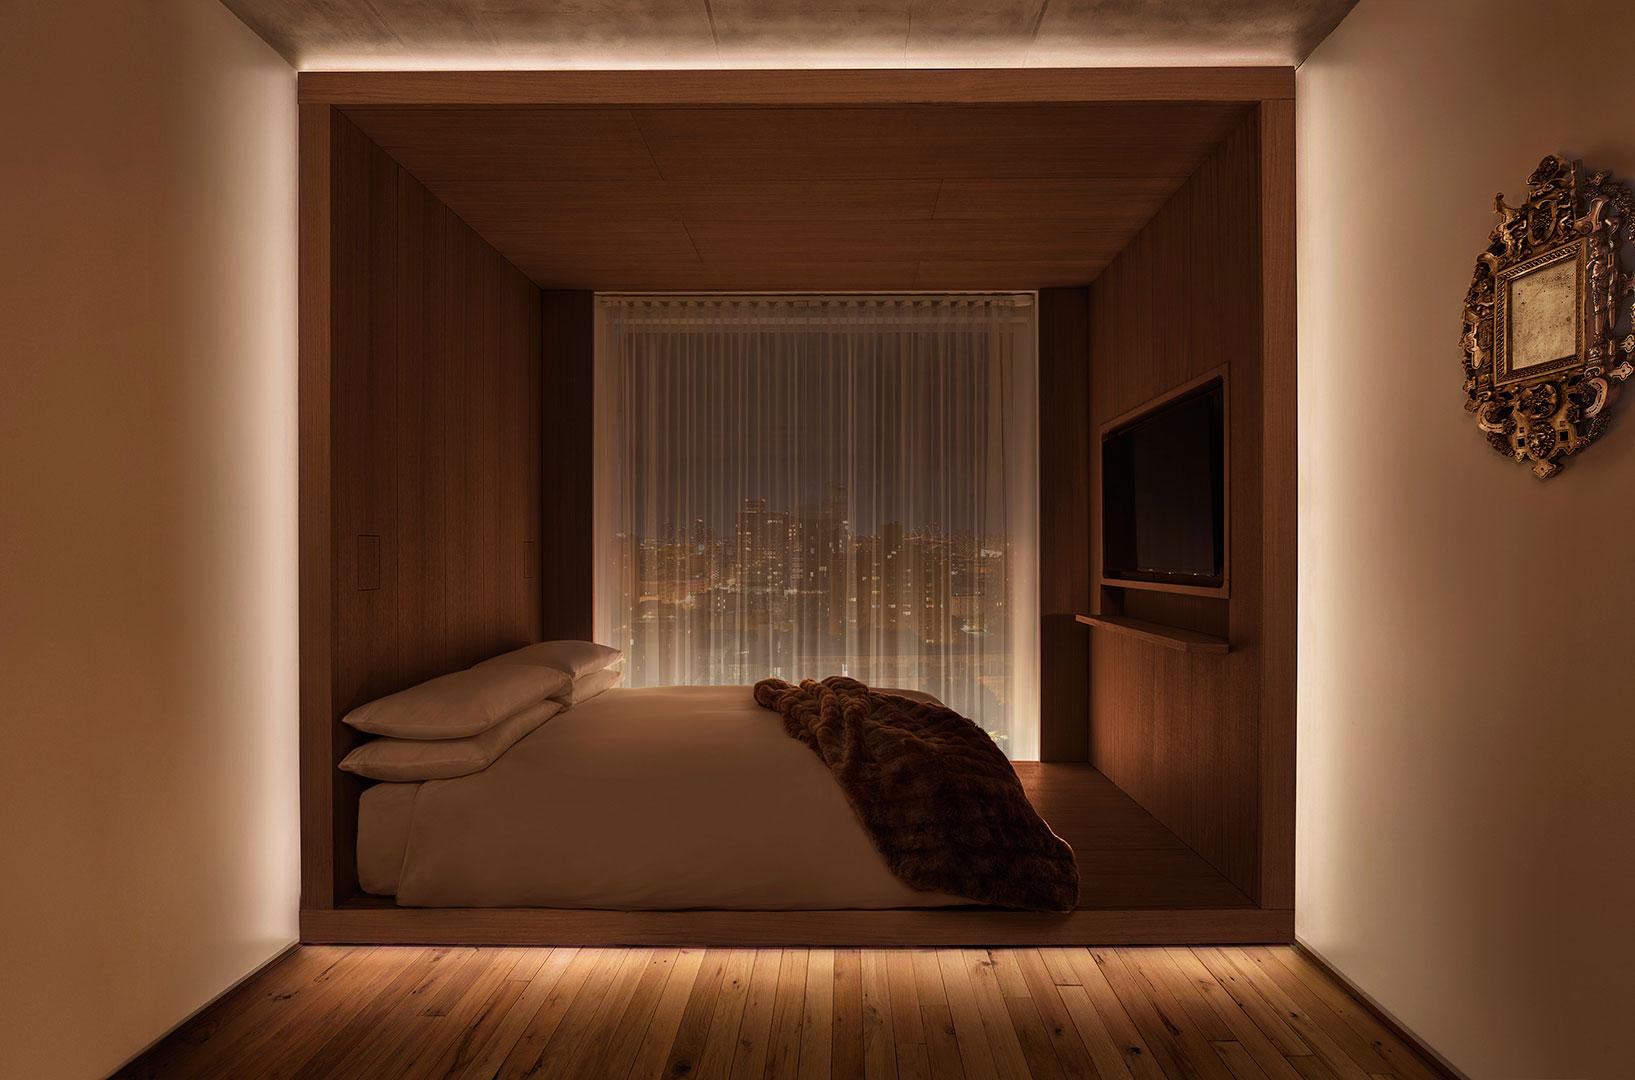 Das wohl angesagteste Hotel in SoHo, NYC: Das Public Hotel von Studio 54-Gründer Ian Schrager 11